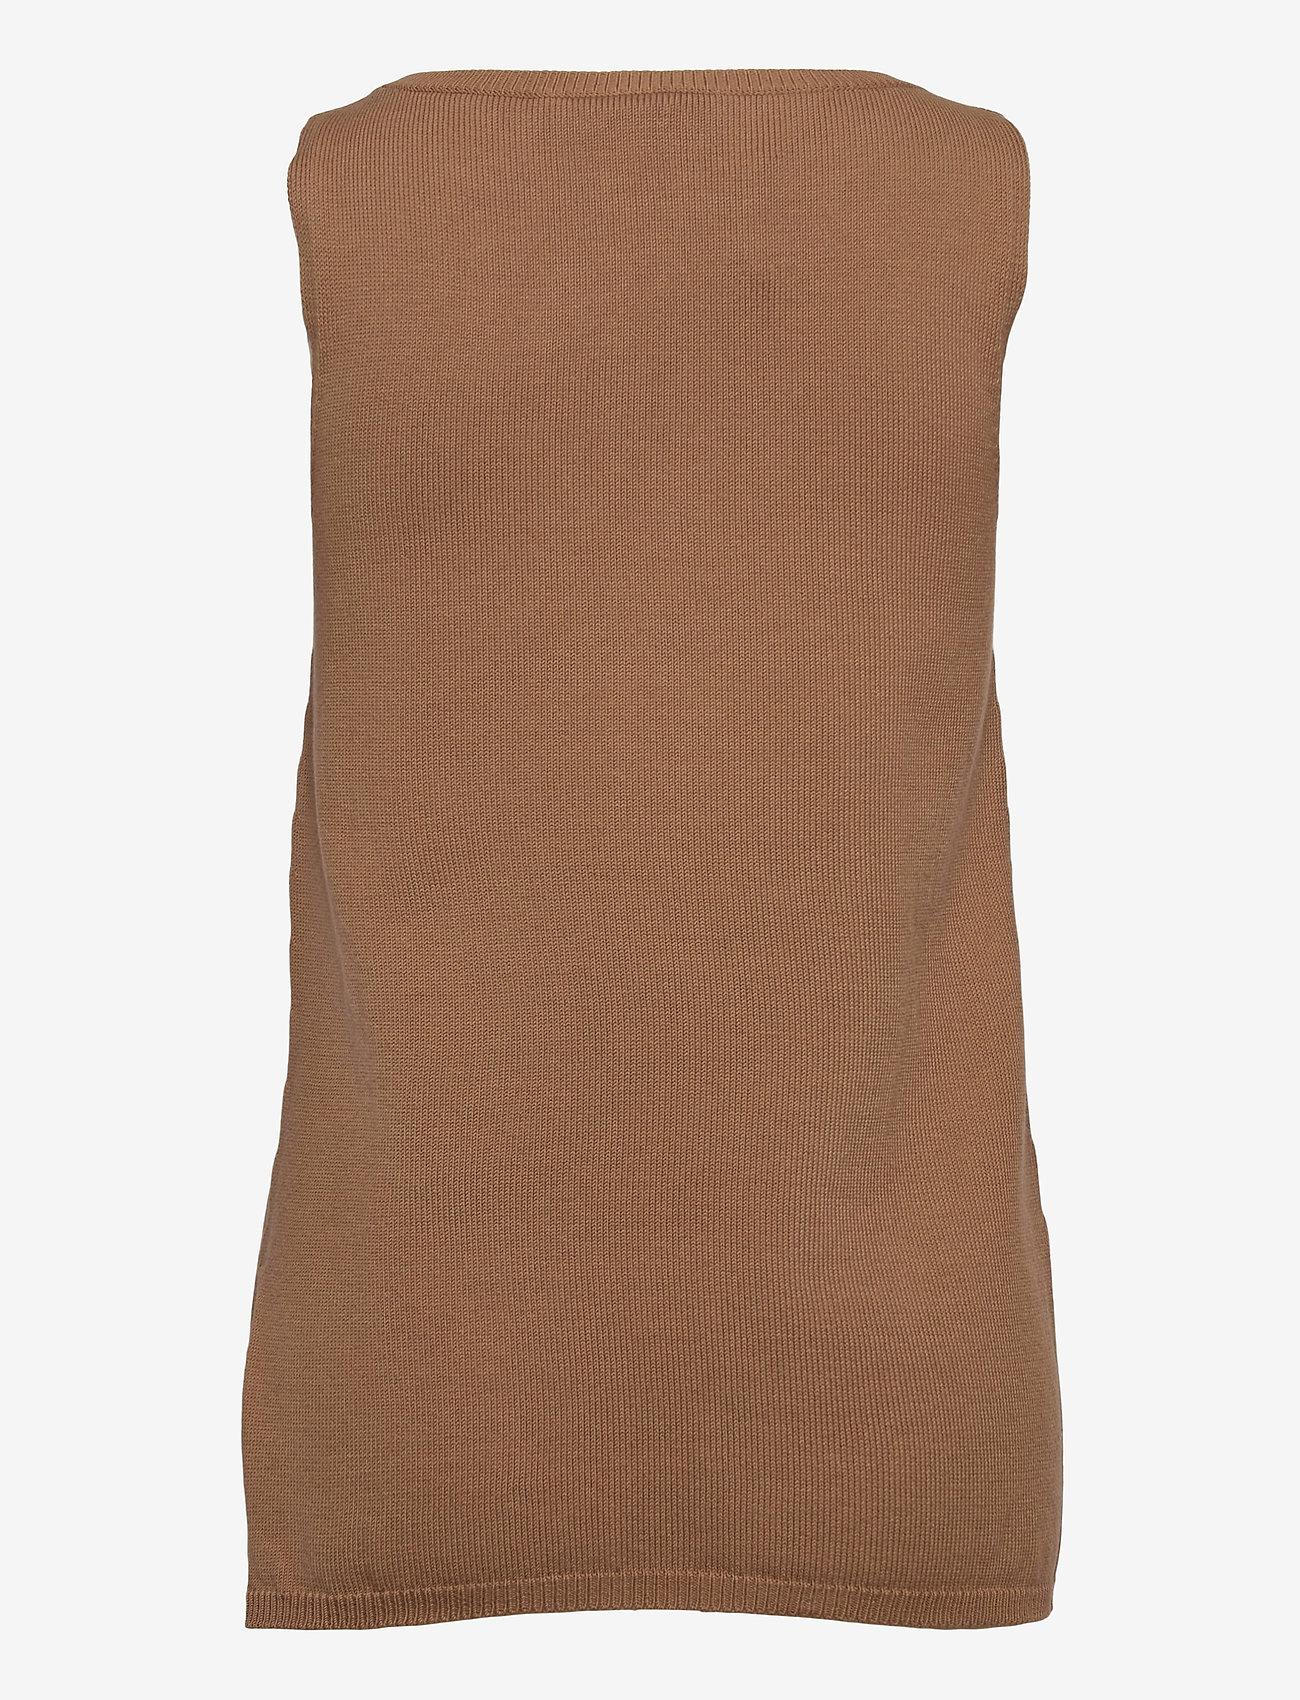 Max Mara Leisure - NASTIE - knitted vests - beige - 1